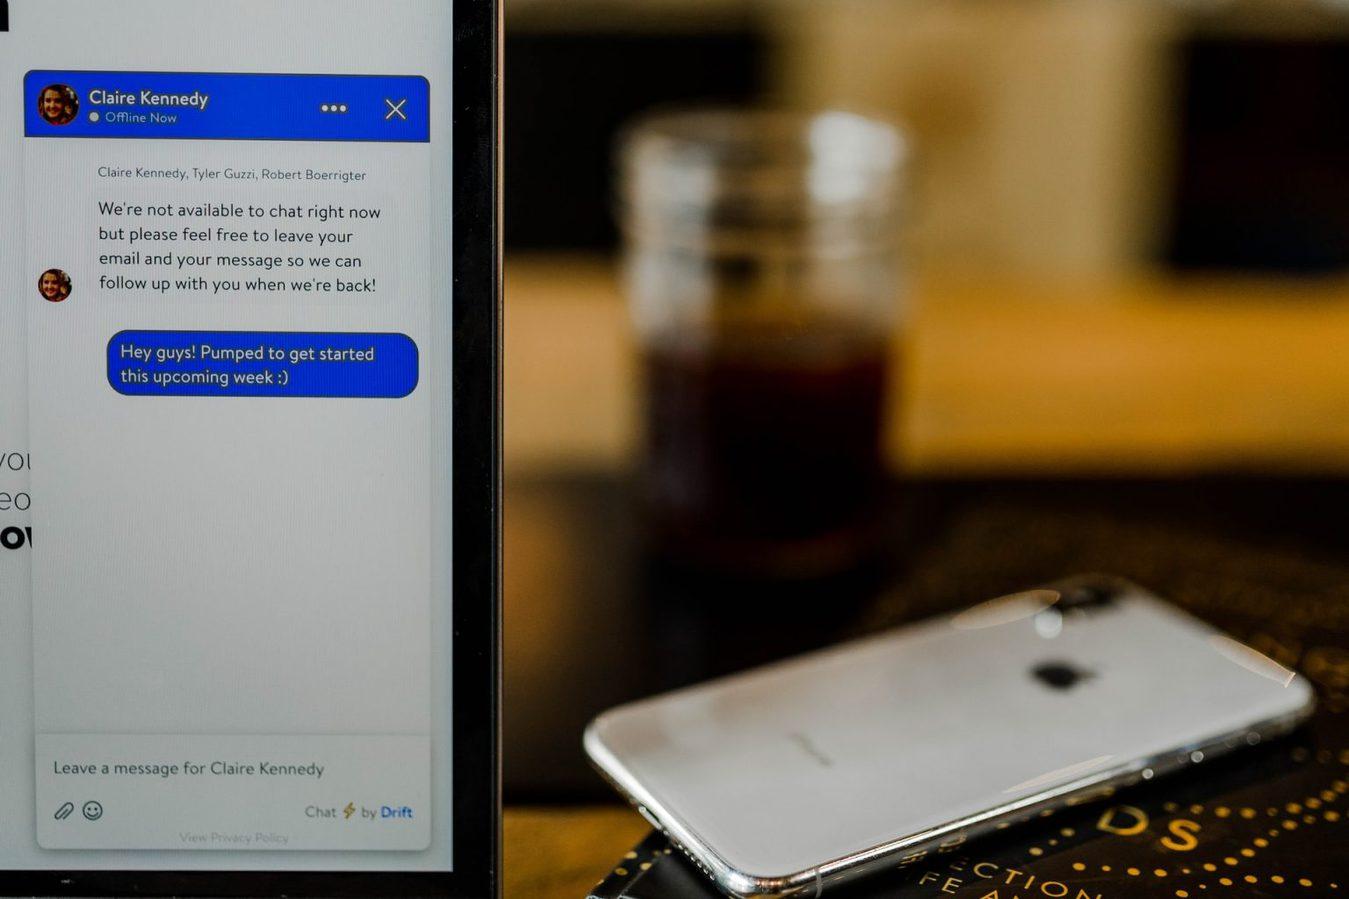 Icona di una chat dal vivo su un cellulare